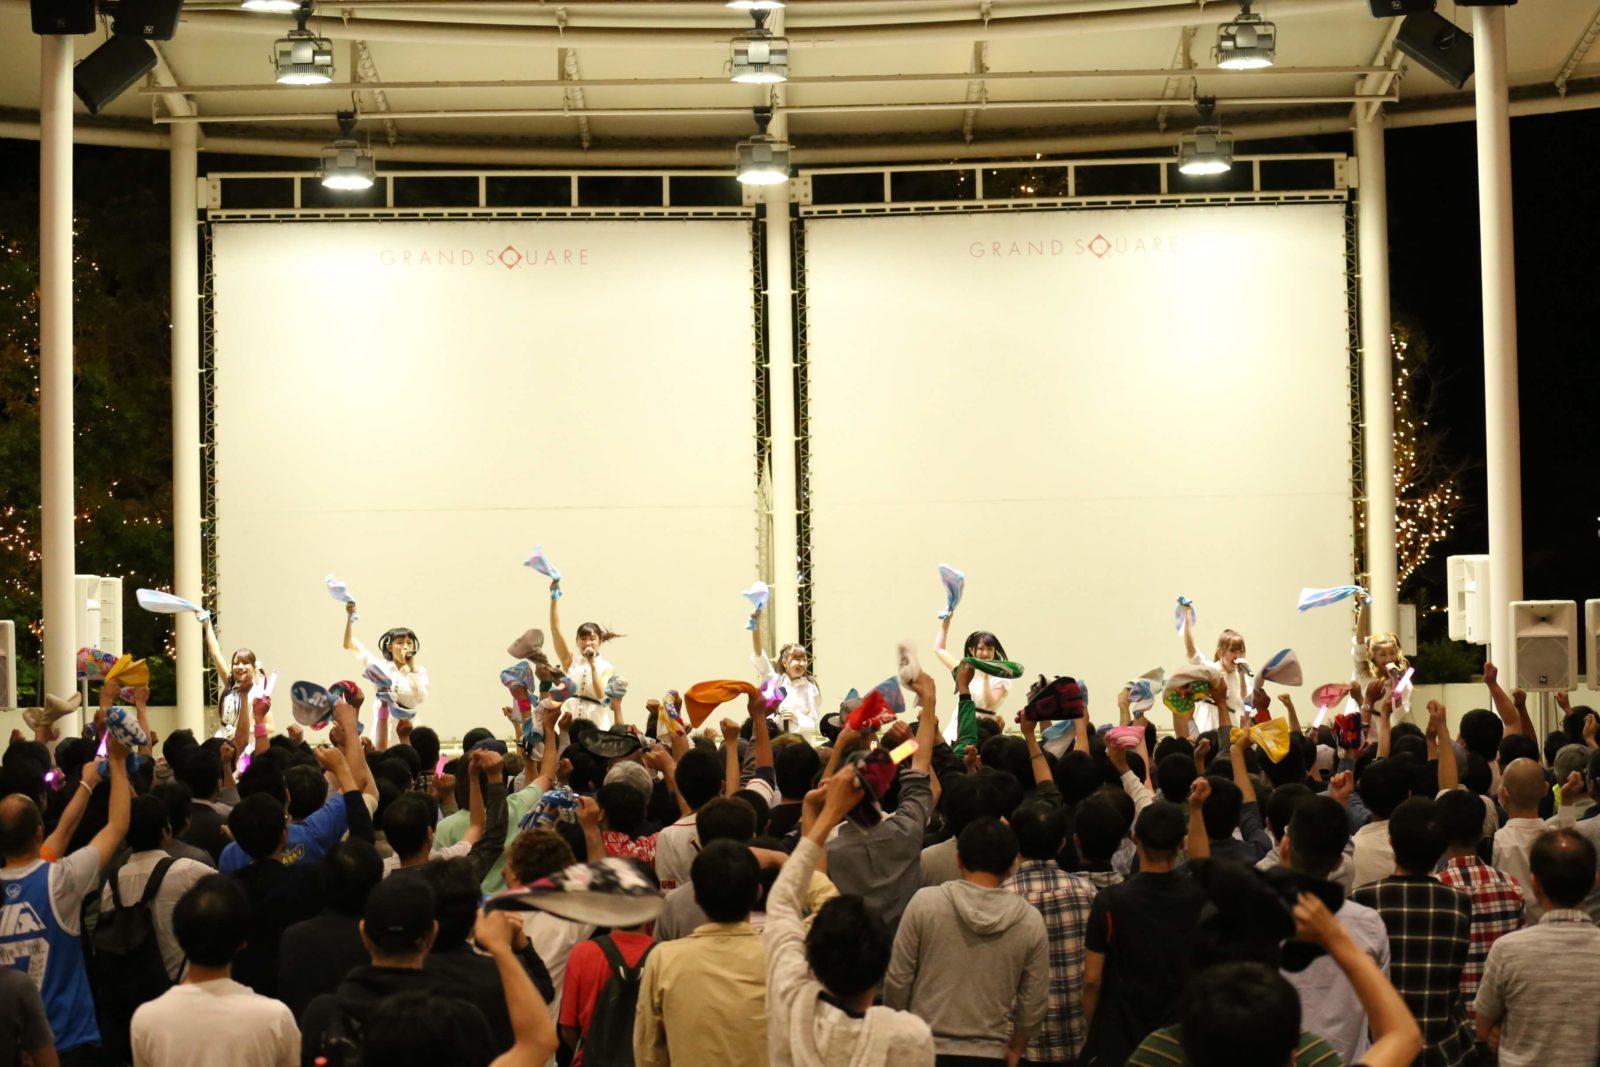 アプガ、放プリ、仮面女子らアイドル33組が熱狂のステージ!【「IDOL CONTENT EXPO ~大無銭祭~」1日目レポート】画像59568